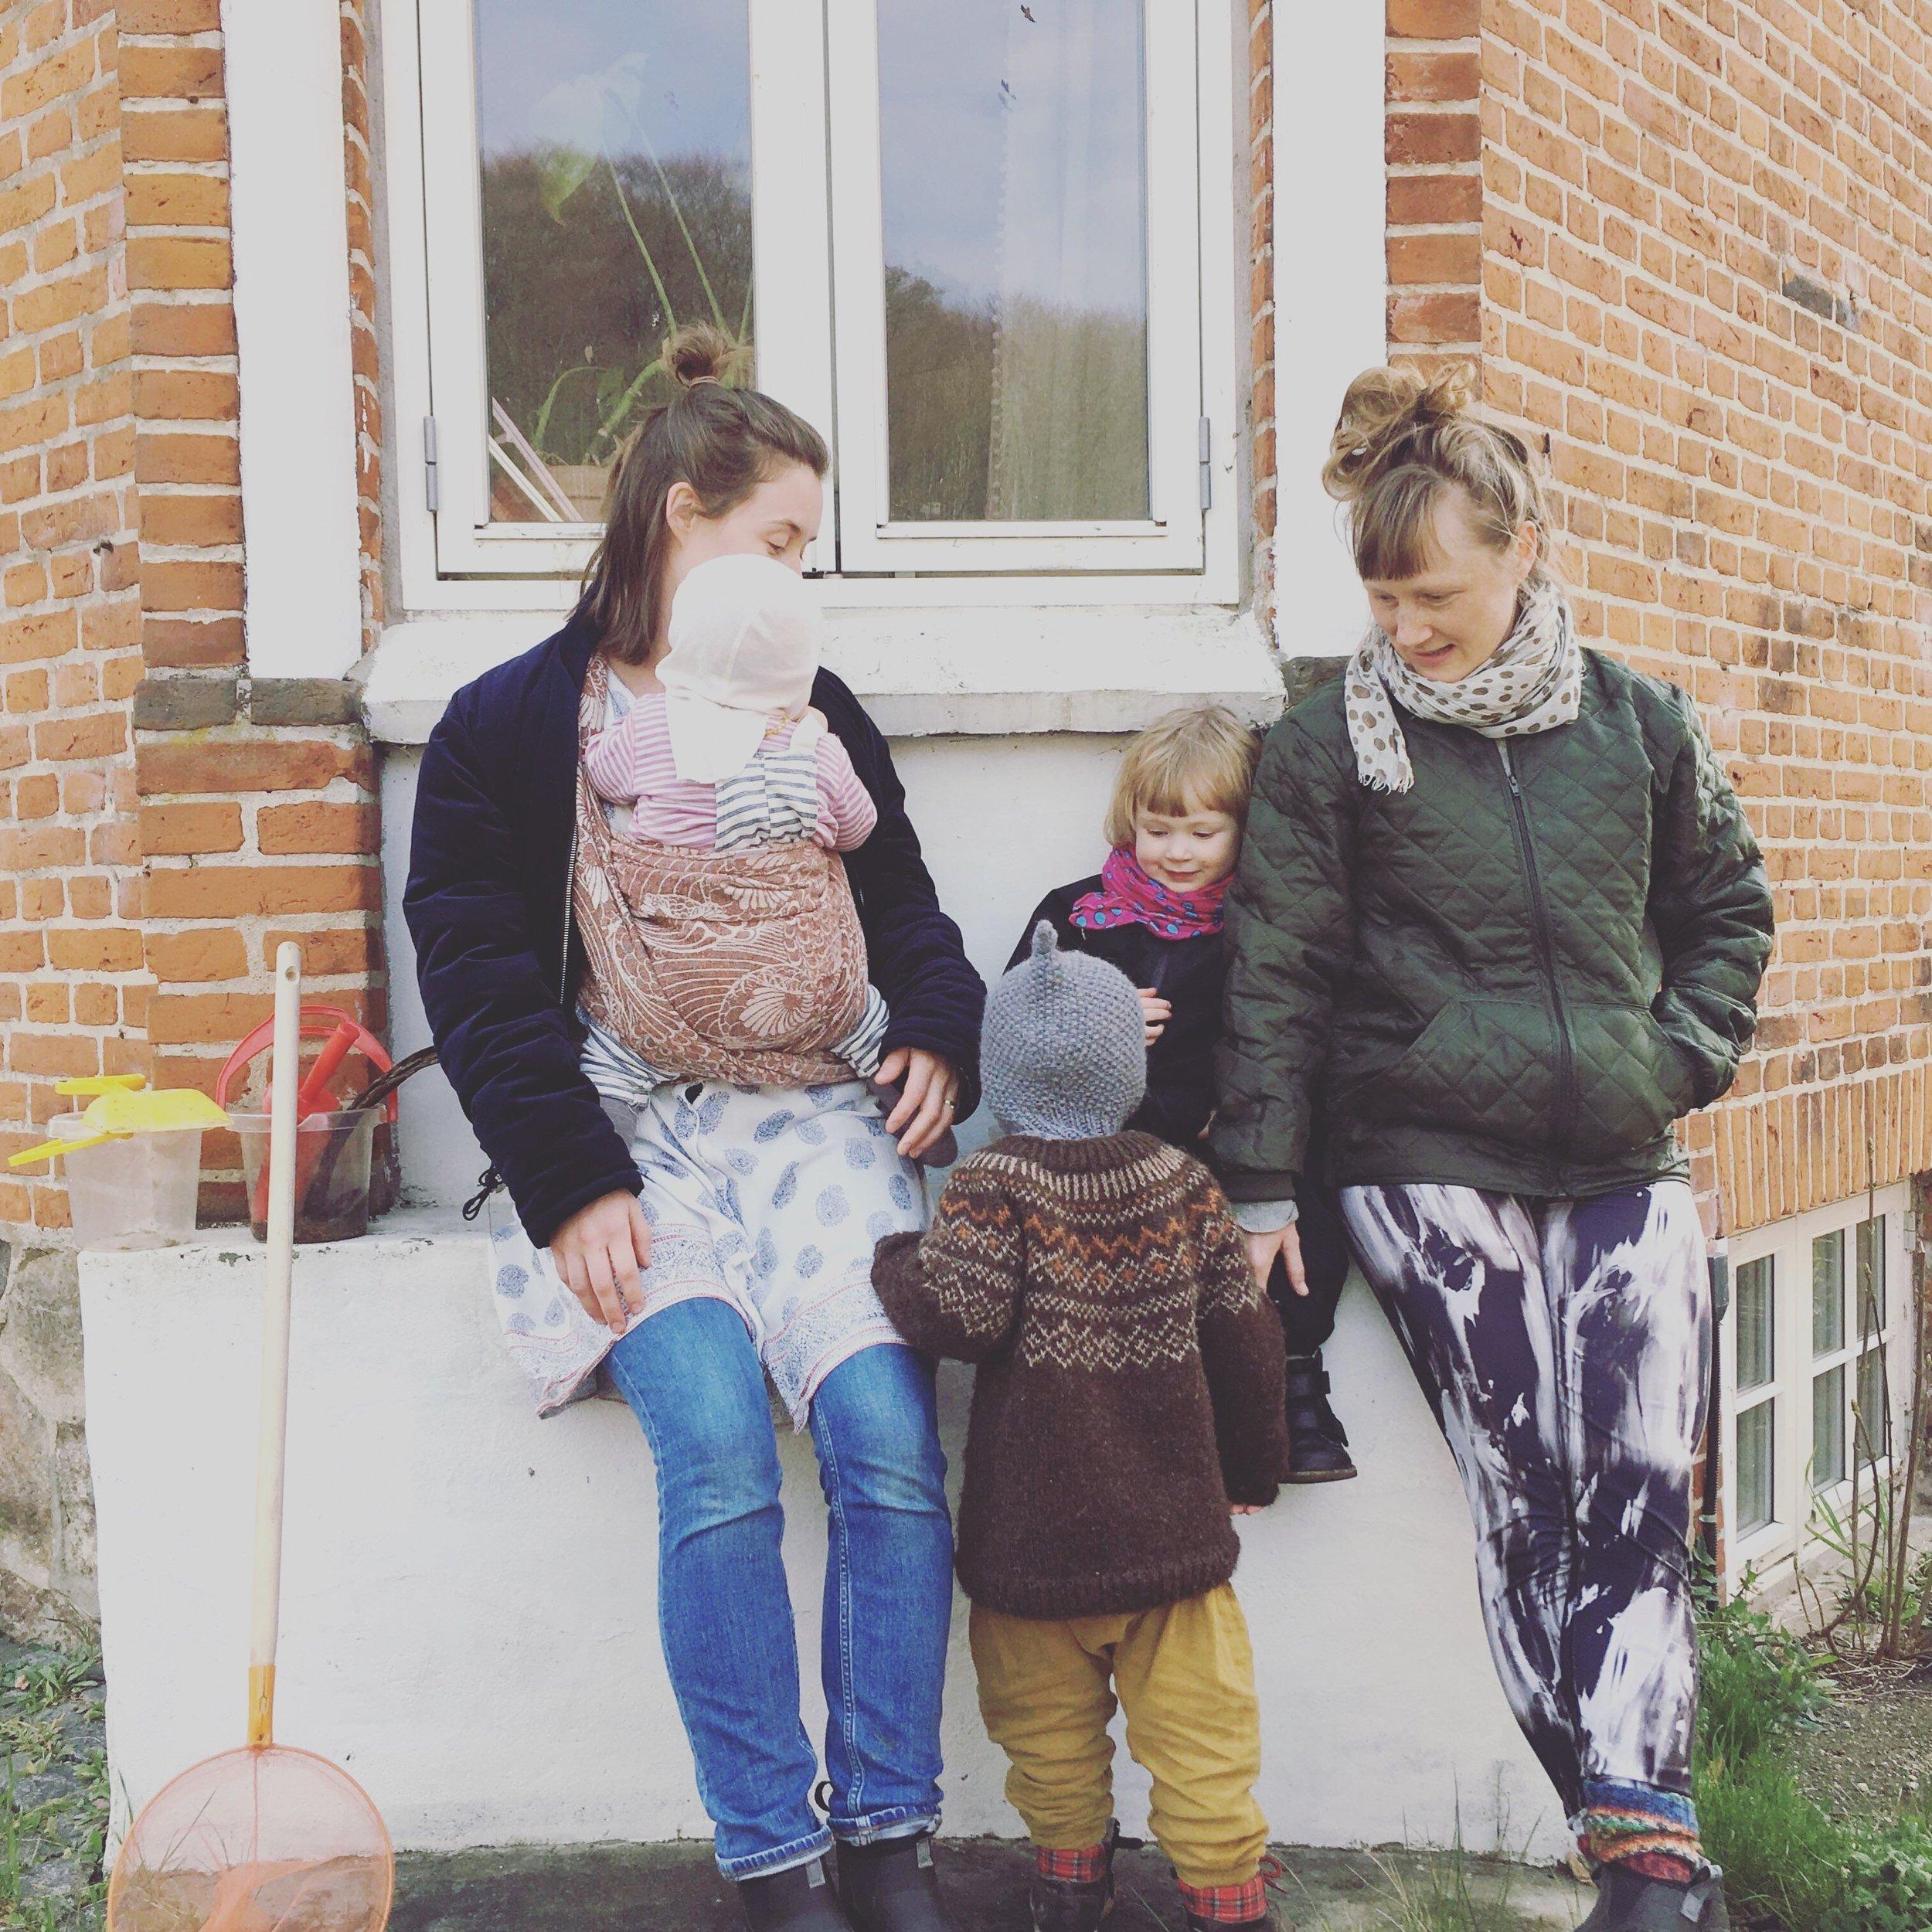 Maria sammen med sine to børn - og Lykke med sin datter - udenfor huset i Laven.